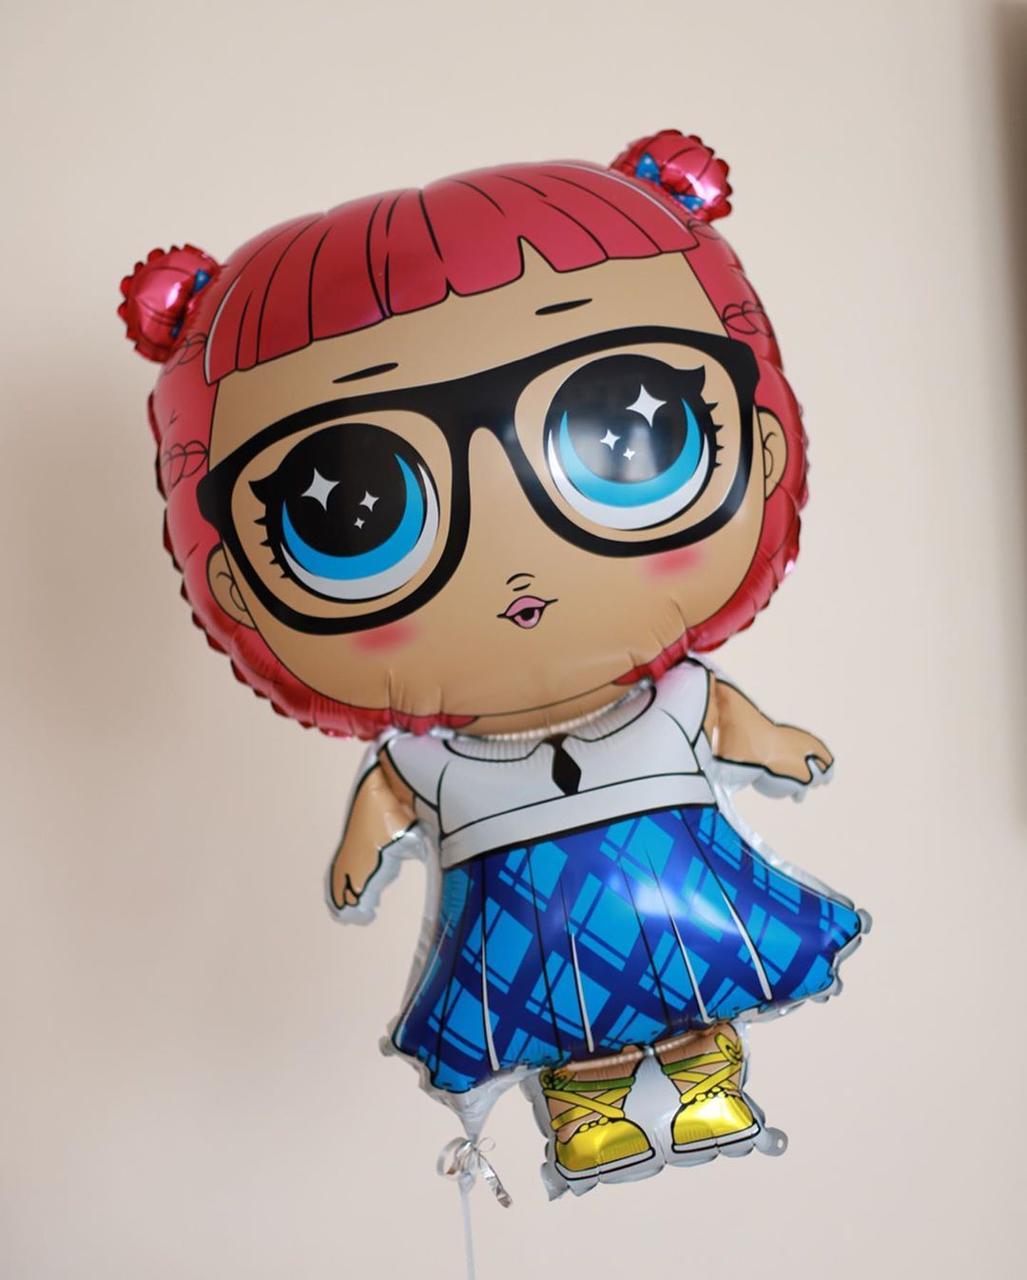 Фольгований куля Лялька LOL школярка Китай, 68*47 см 1596